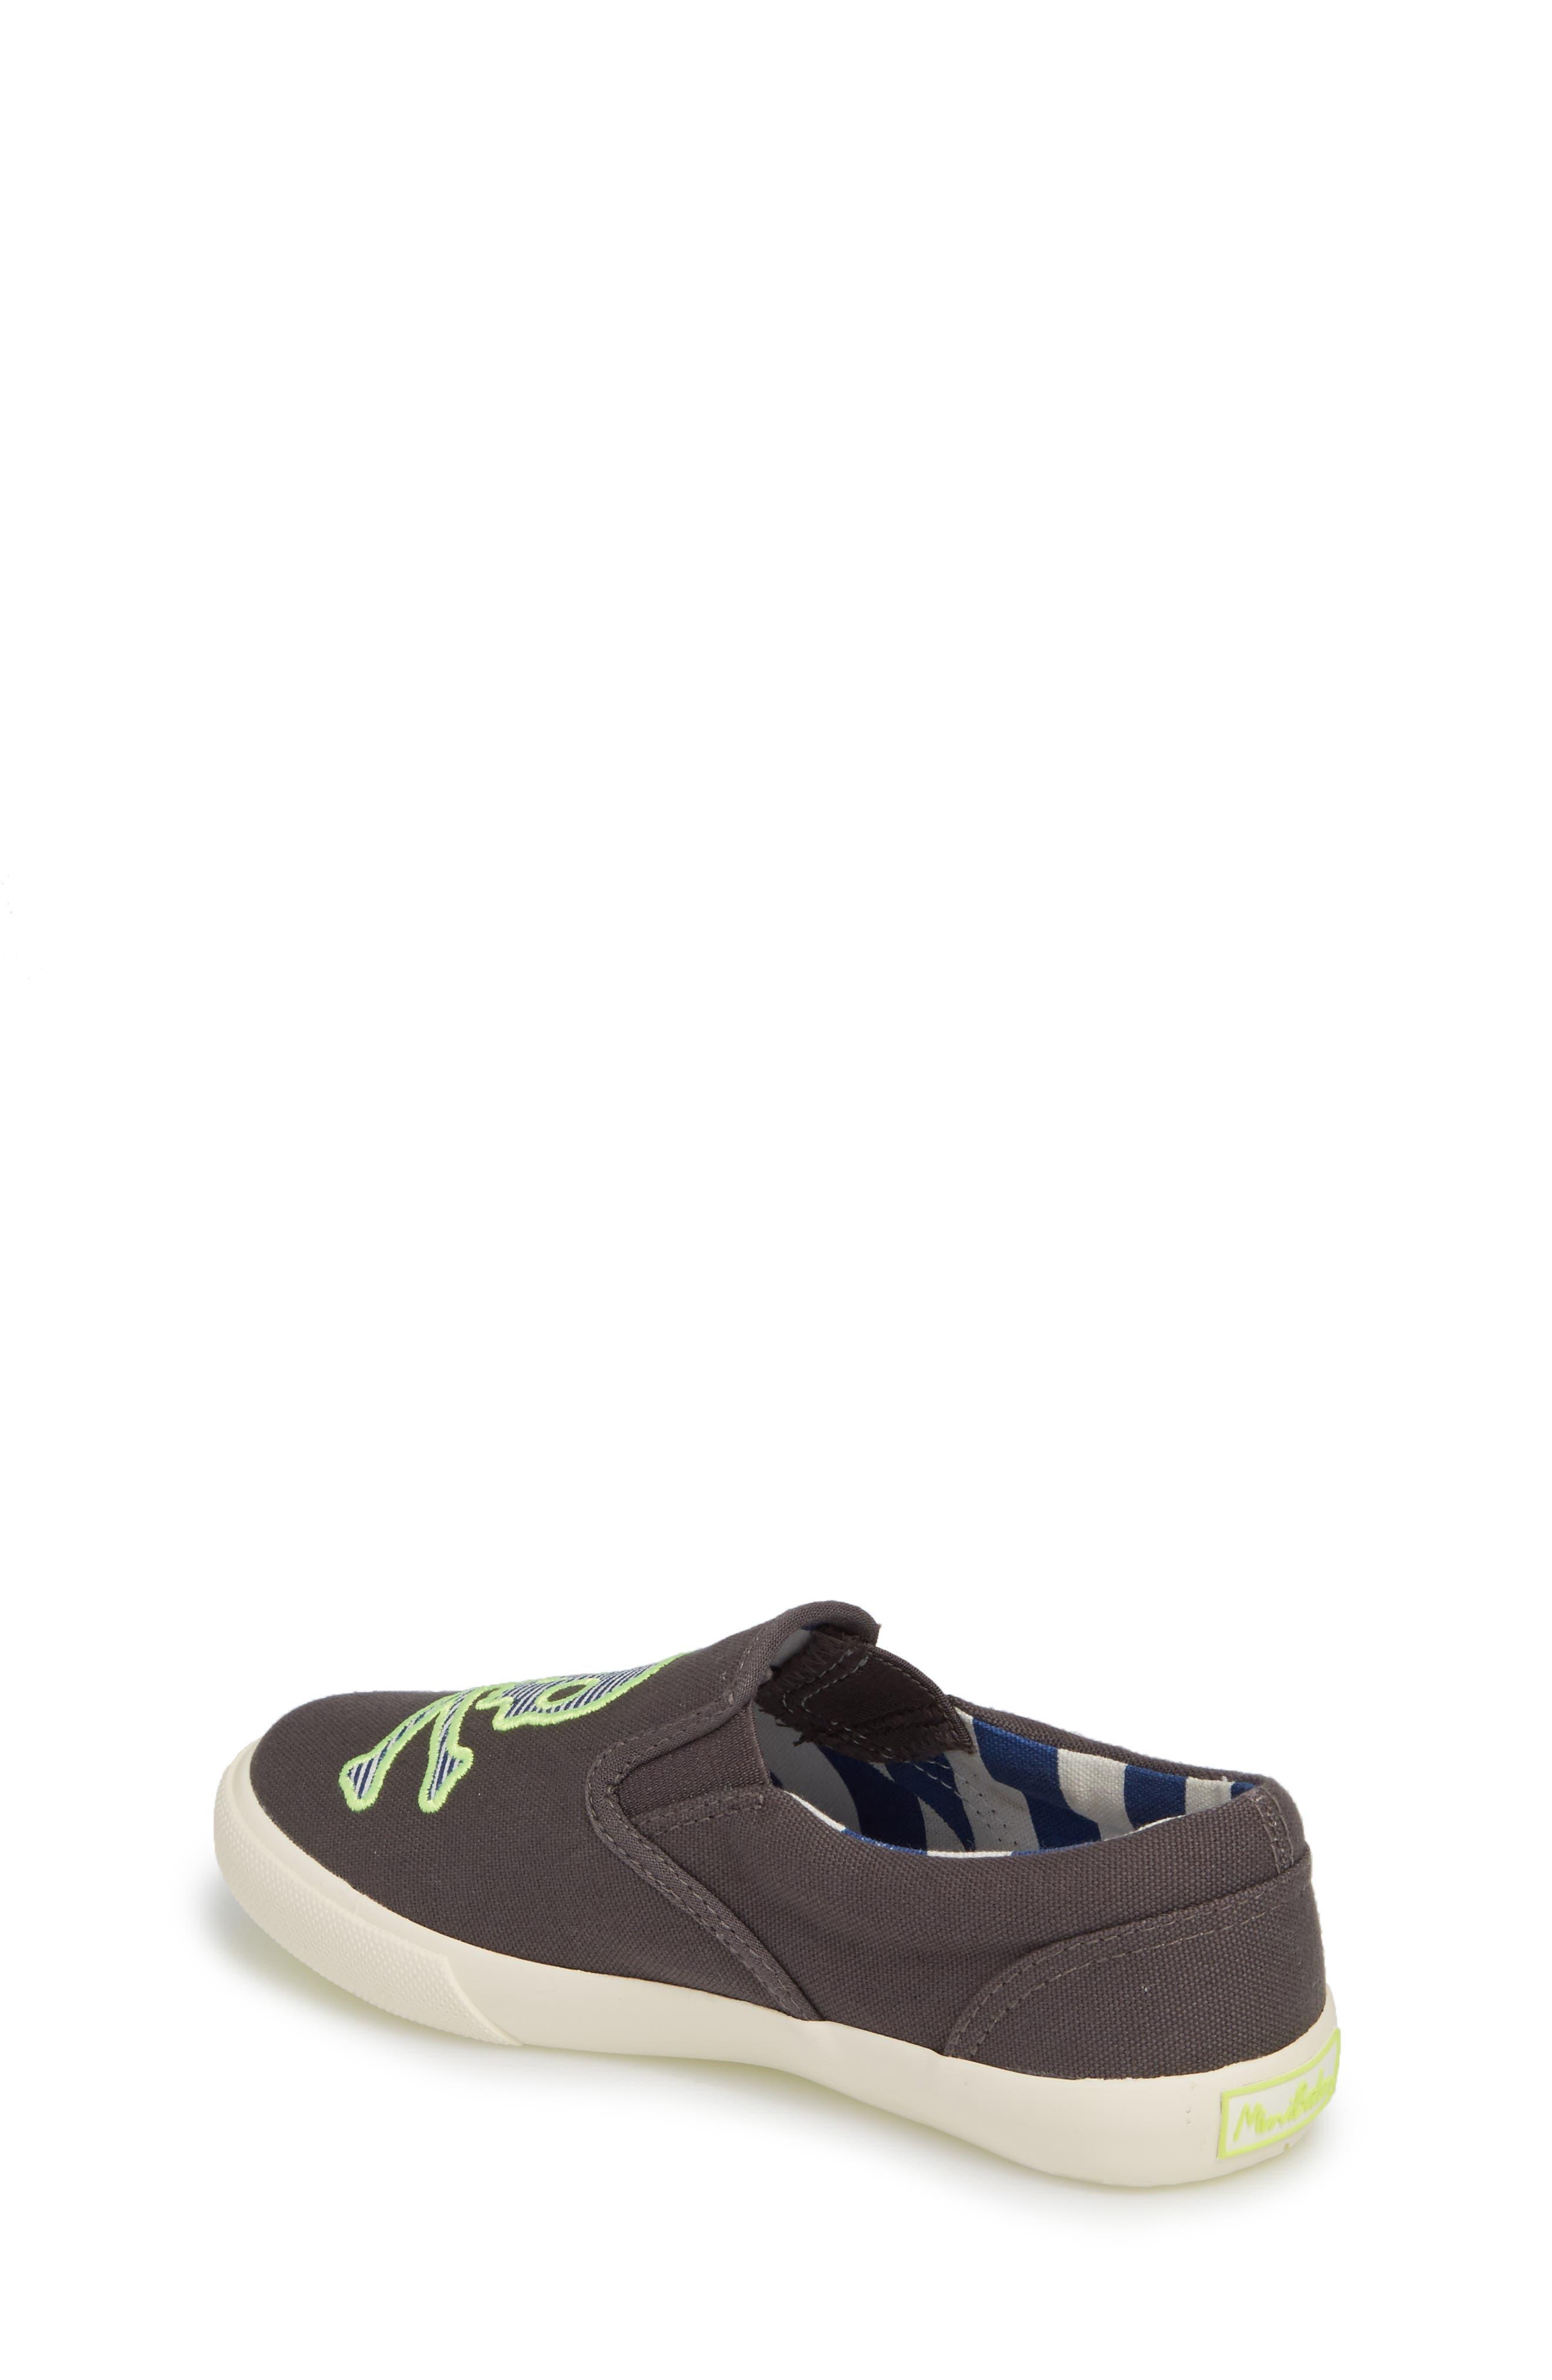 Embroidered Slip-On Sneaker,                             Alternate thumbnail 2, color,                             Shark Grey